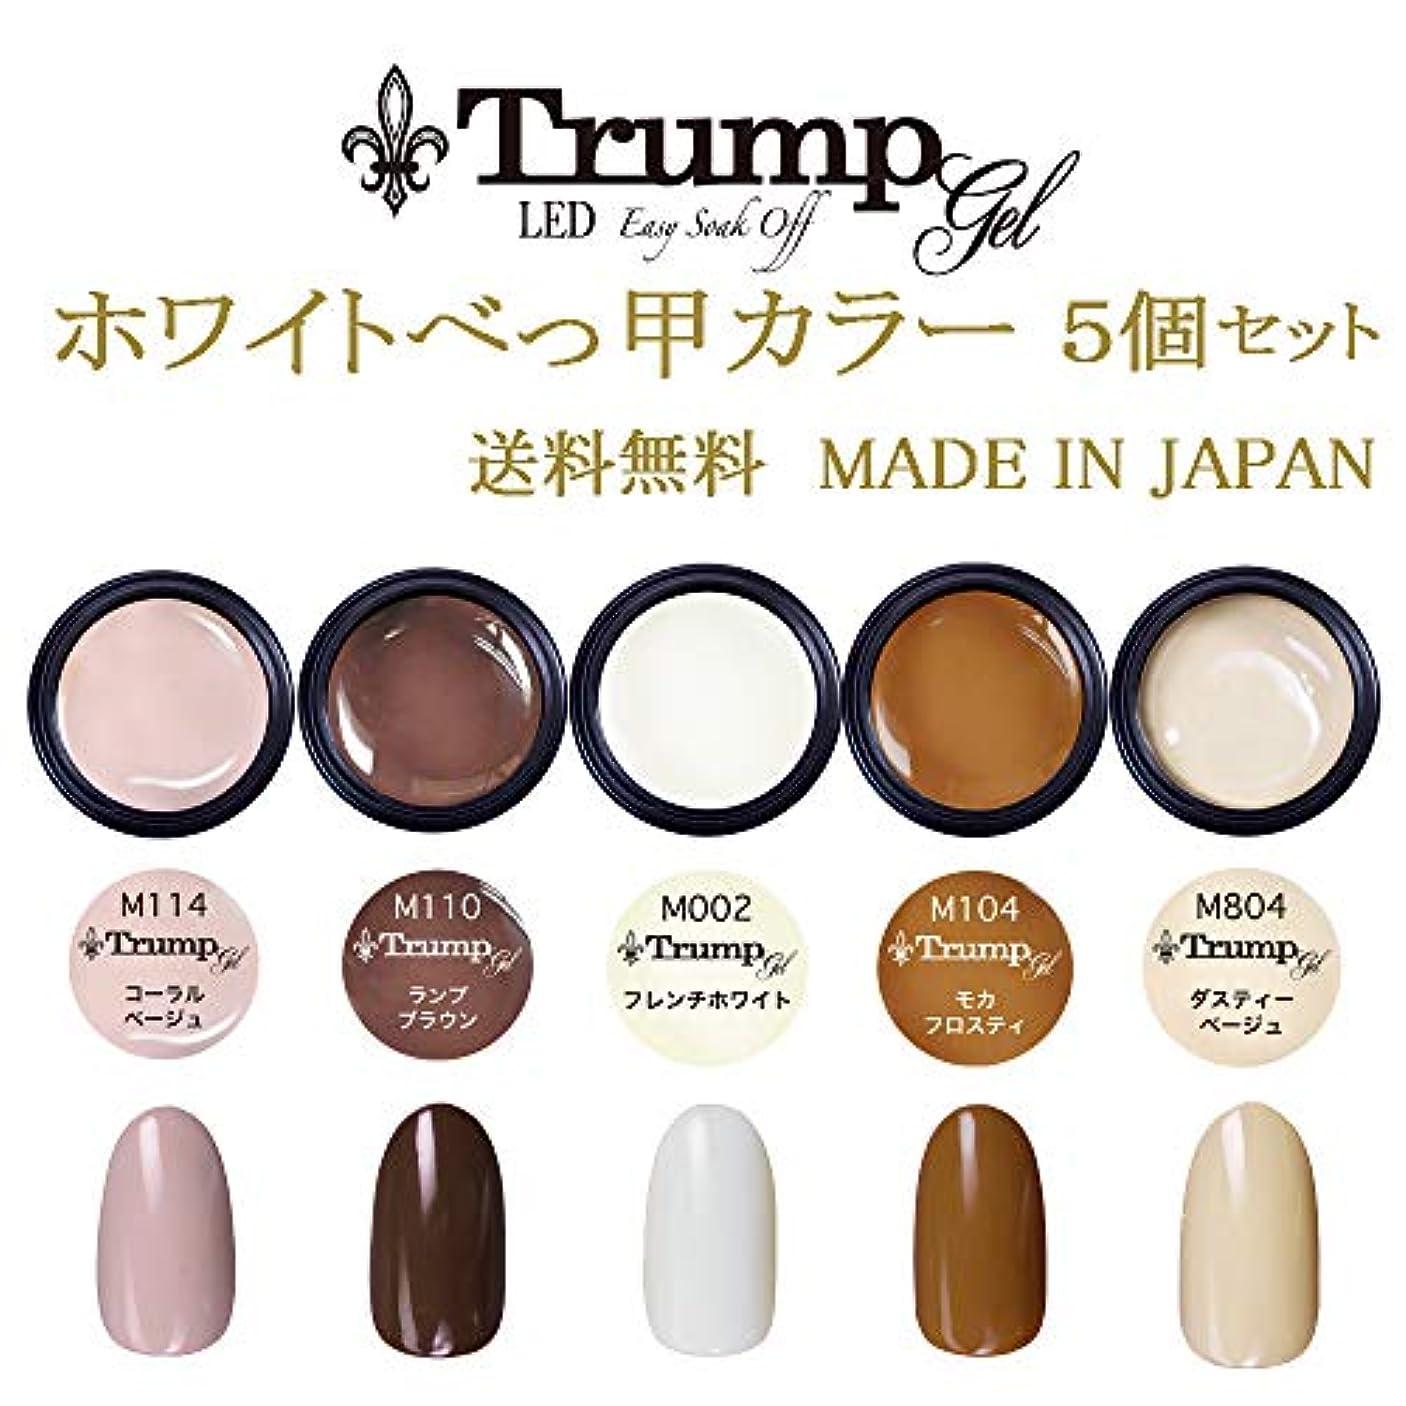 飾り羽雰囲気考え【送料無料】日本製 Trump gel トランプジェルホワイトべっ甲カラージェル 5個セット スタイリッシュでオシャレな 白べっ甲カラージェルセット